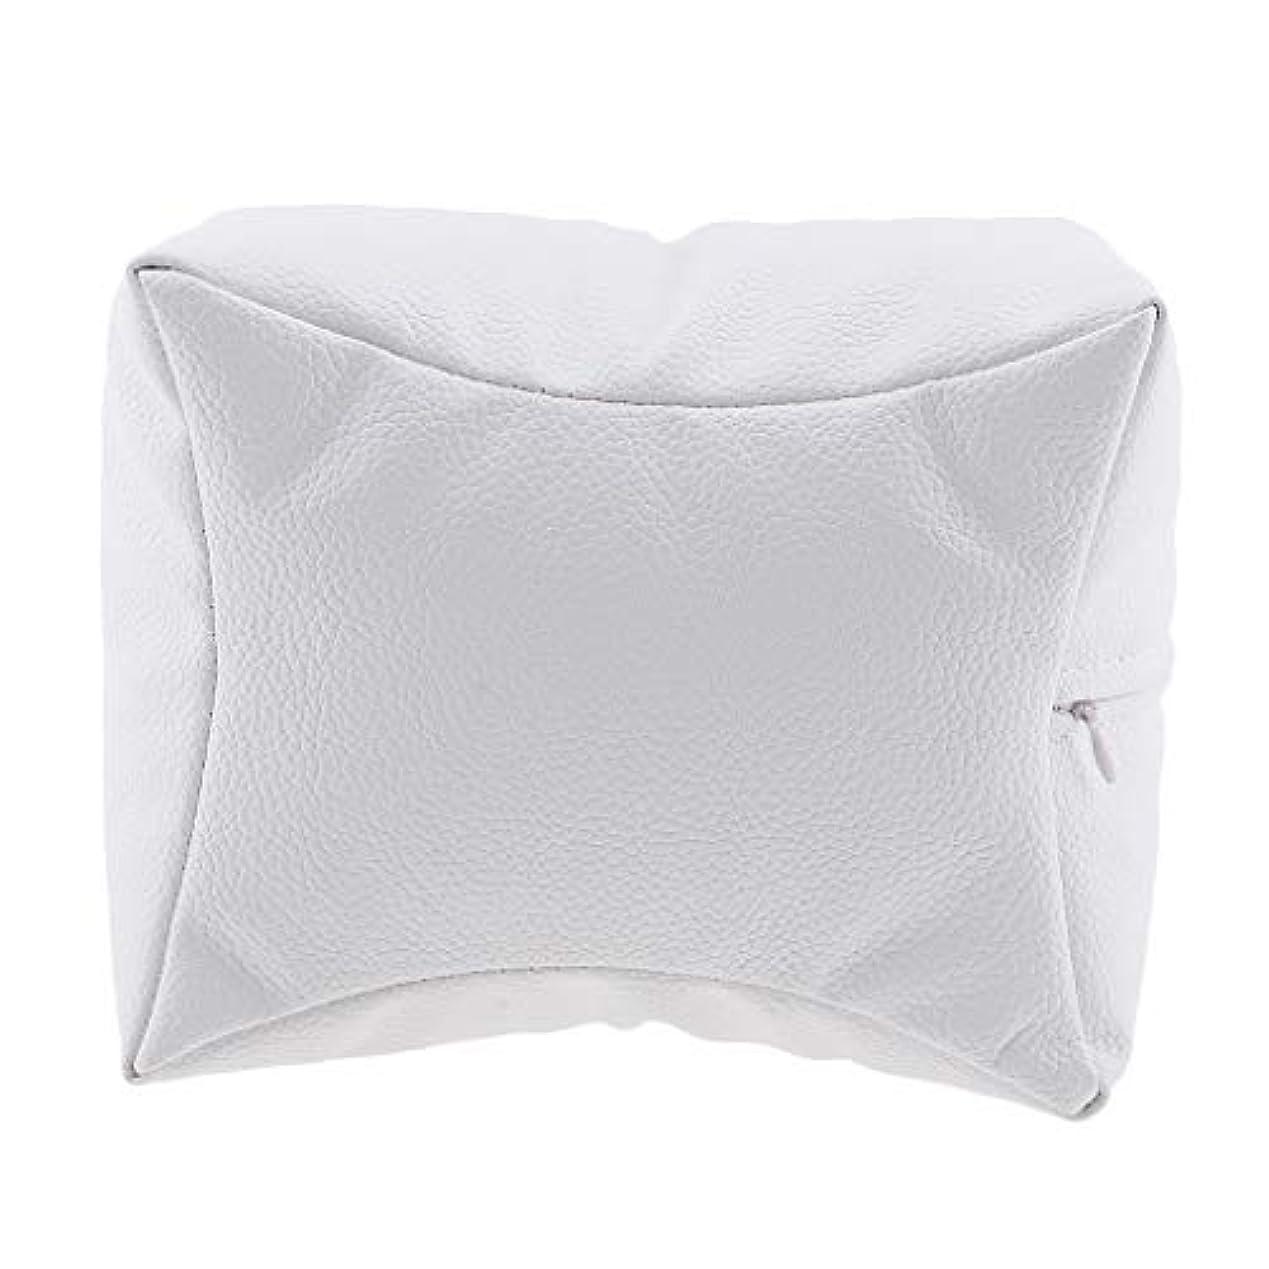 立場竜巻きしむSharplace ネイルアート 手枕 ハンドピロー レストピロー ハンドクッション ネイルサロン 4色選べ - 白